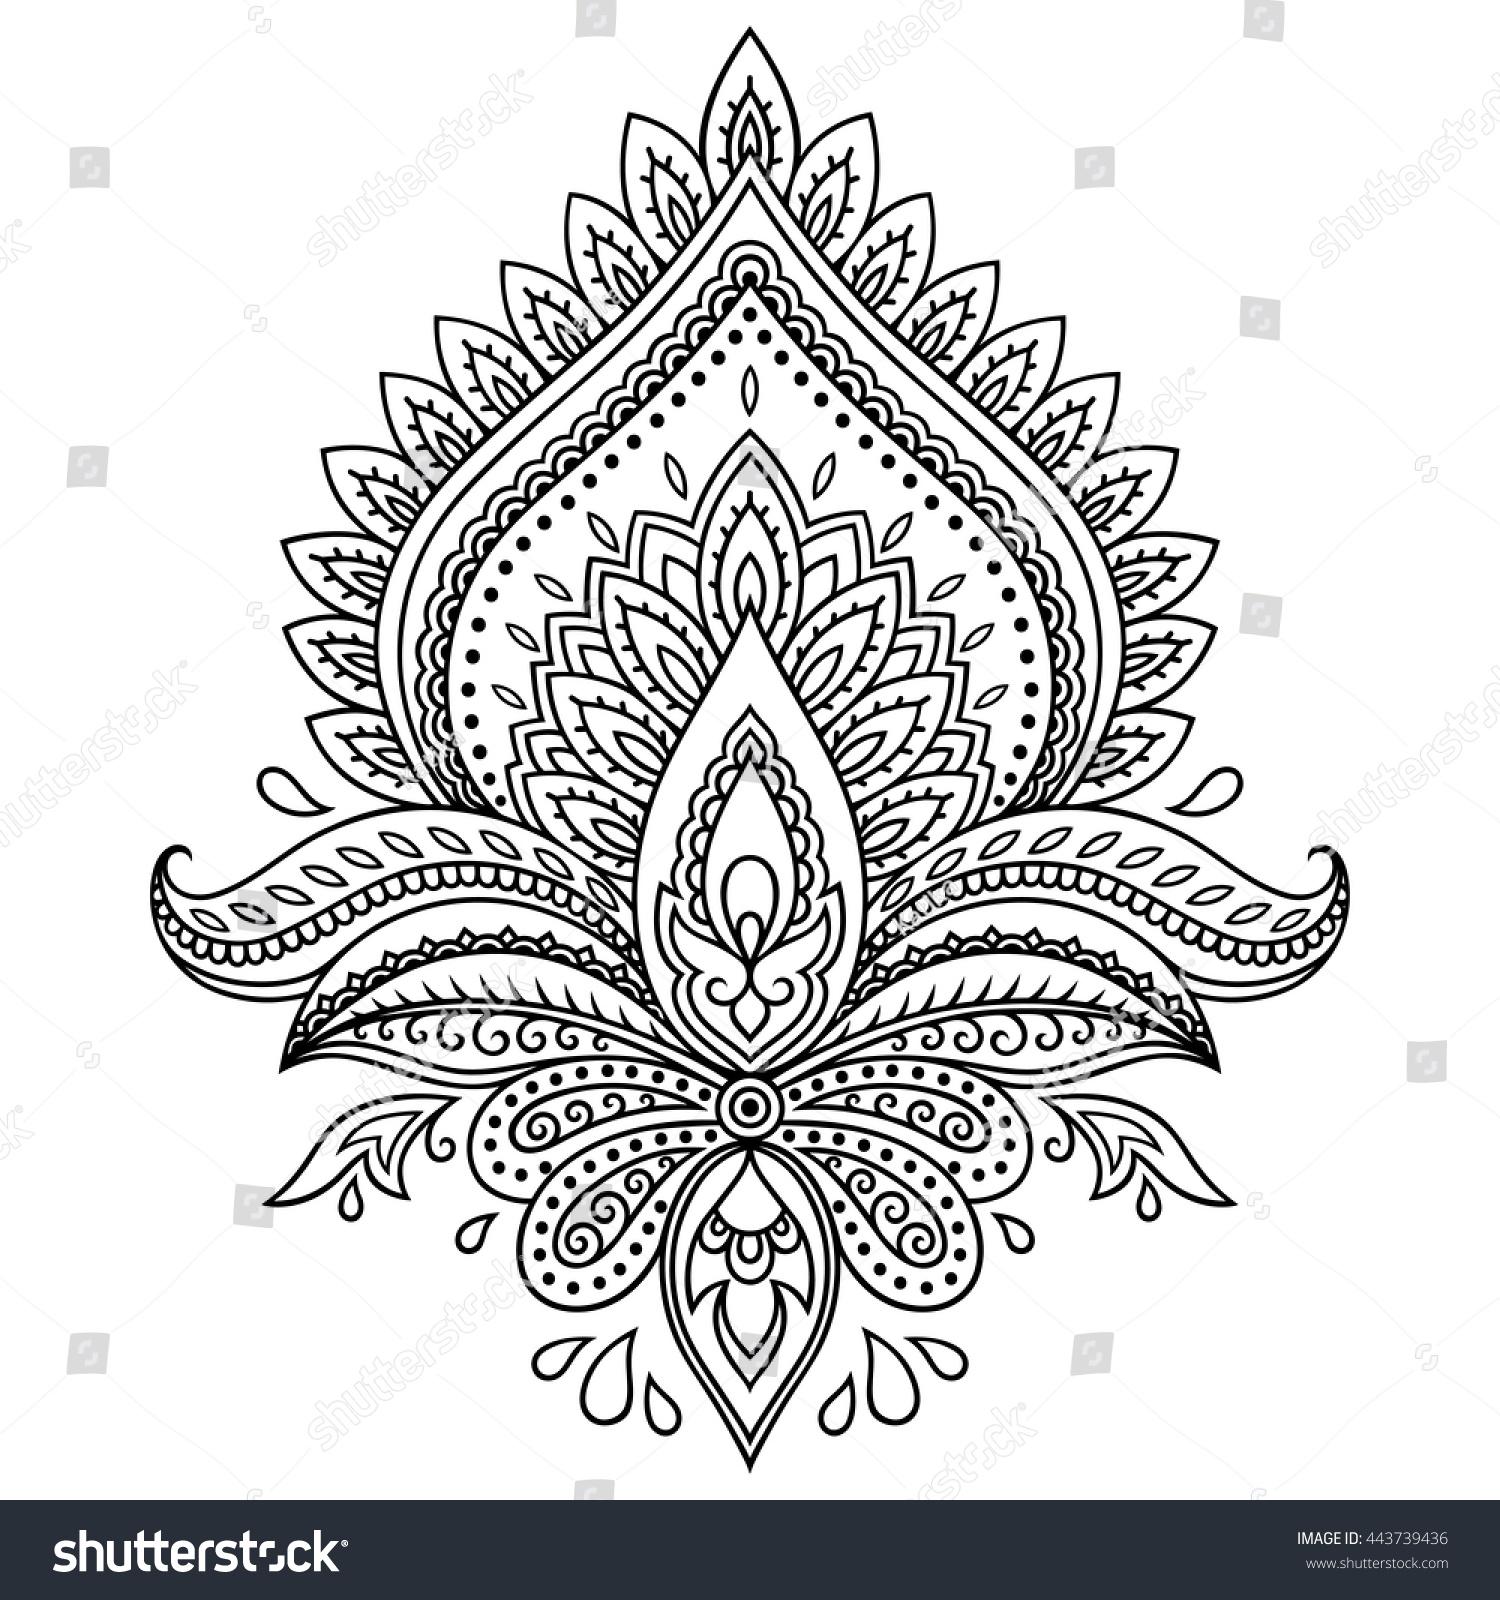 Royalty Free Mehndi Lotus Flower Pattern For Henna 443739436 Stock